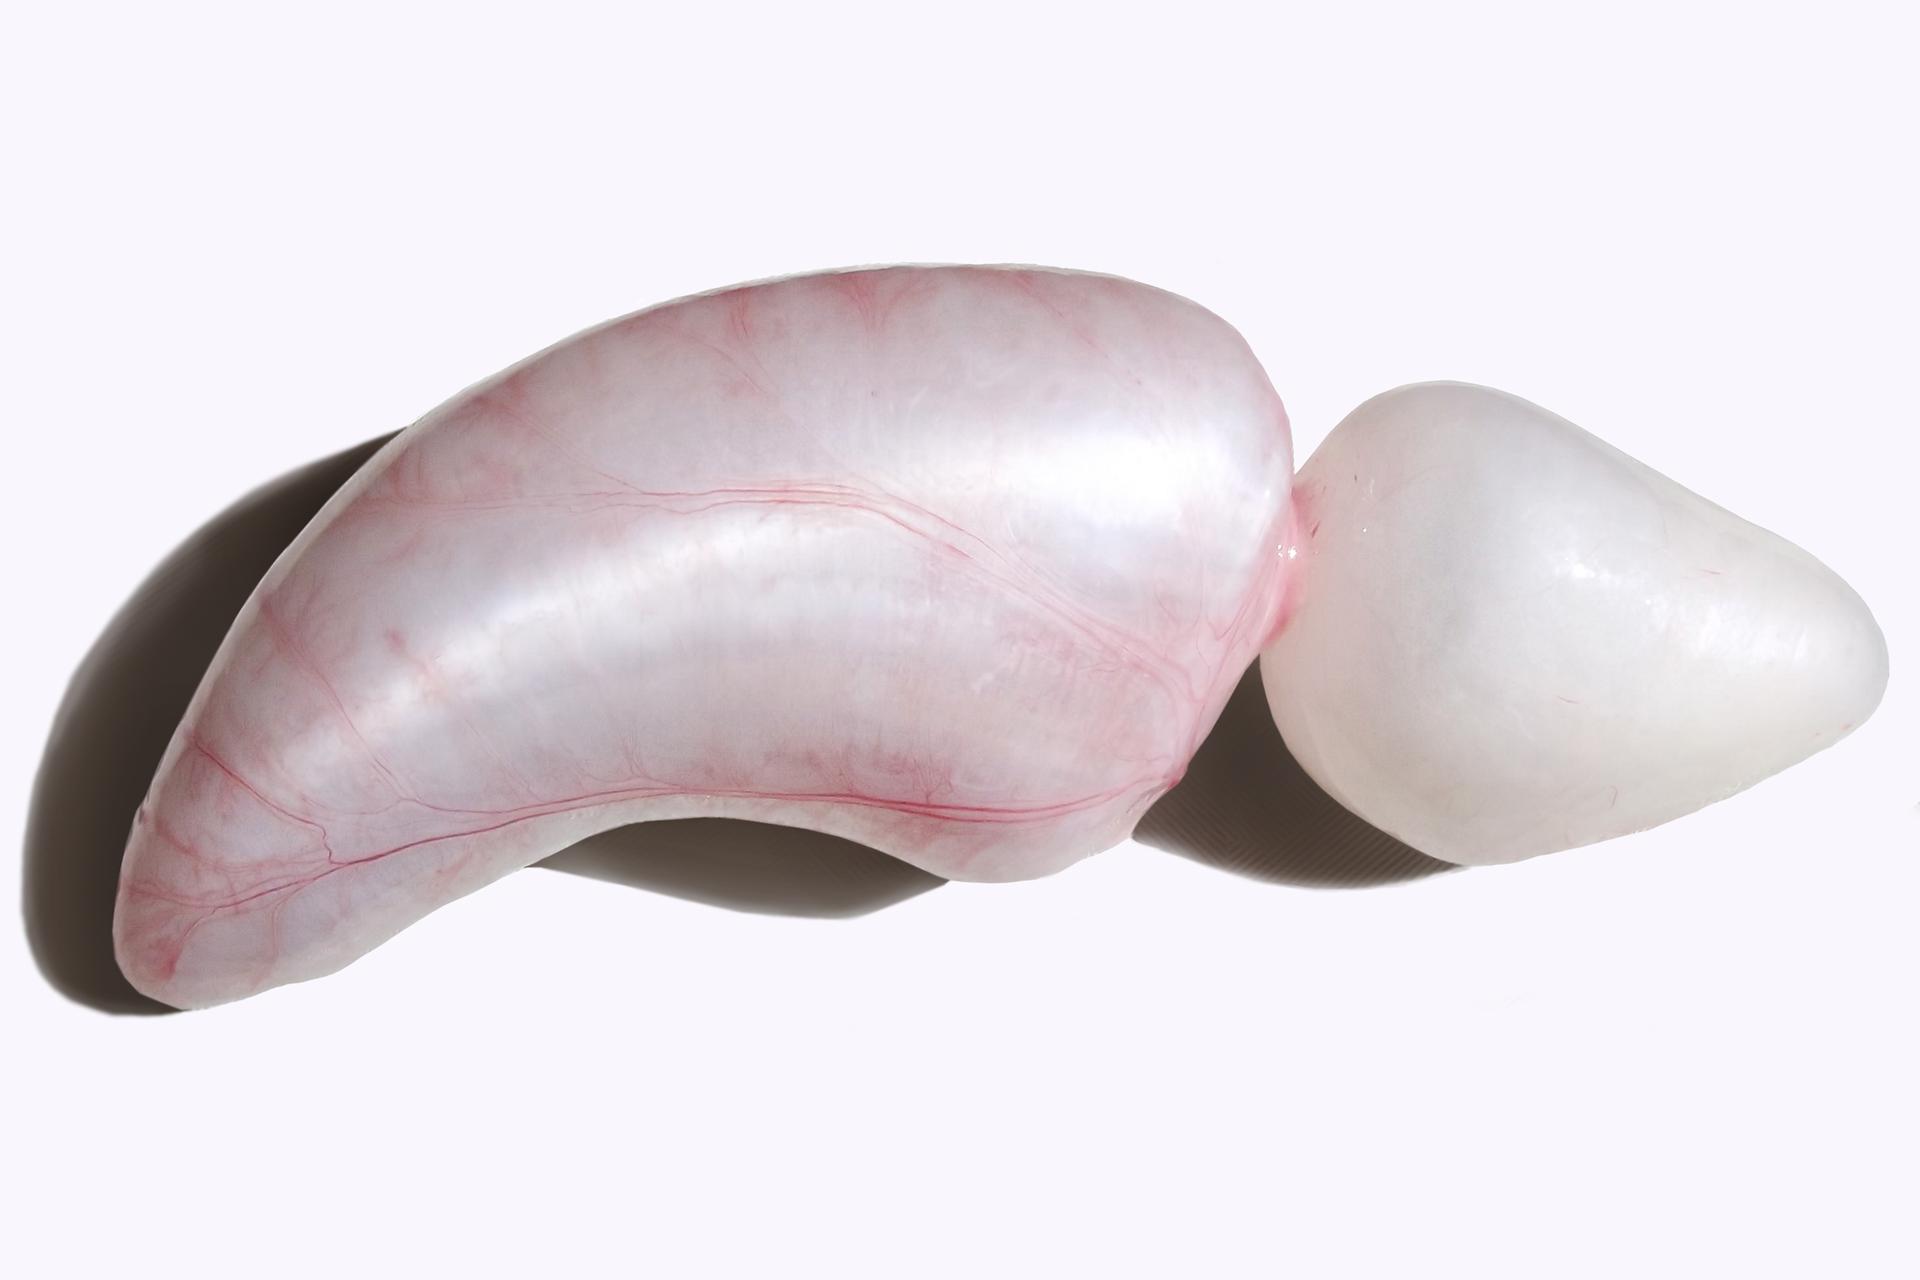 Zdjęcie pęcherza pławnego ryby. Przypomina on wydłużony biały balon pokryty różowymi liniami. Wprzedniej części po prawej stronie znajduje się przewężenie.